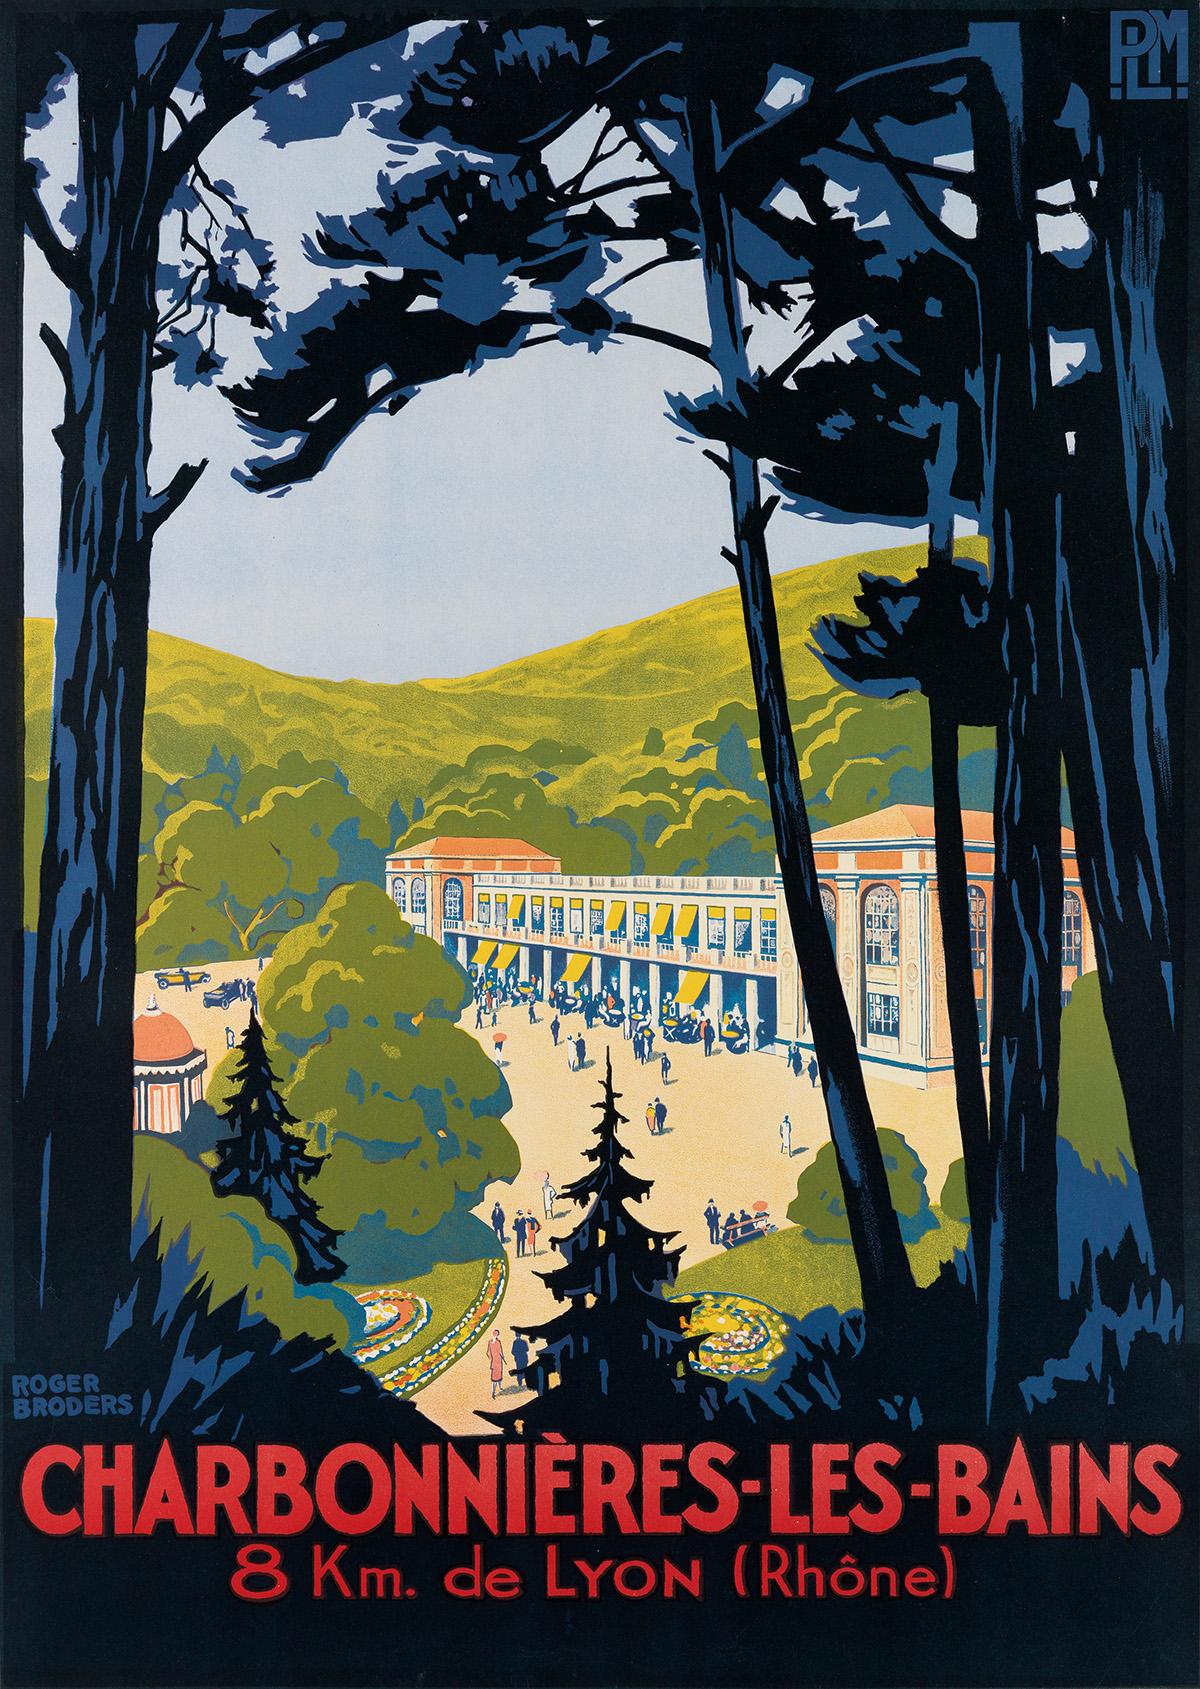 ROGER-BRODERS-(1883-1953)-CHARBONNIÈRES---LES---BAINS-Circa-